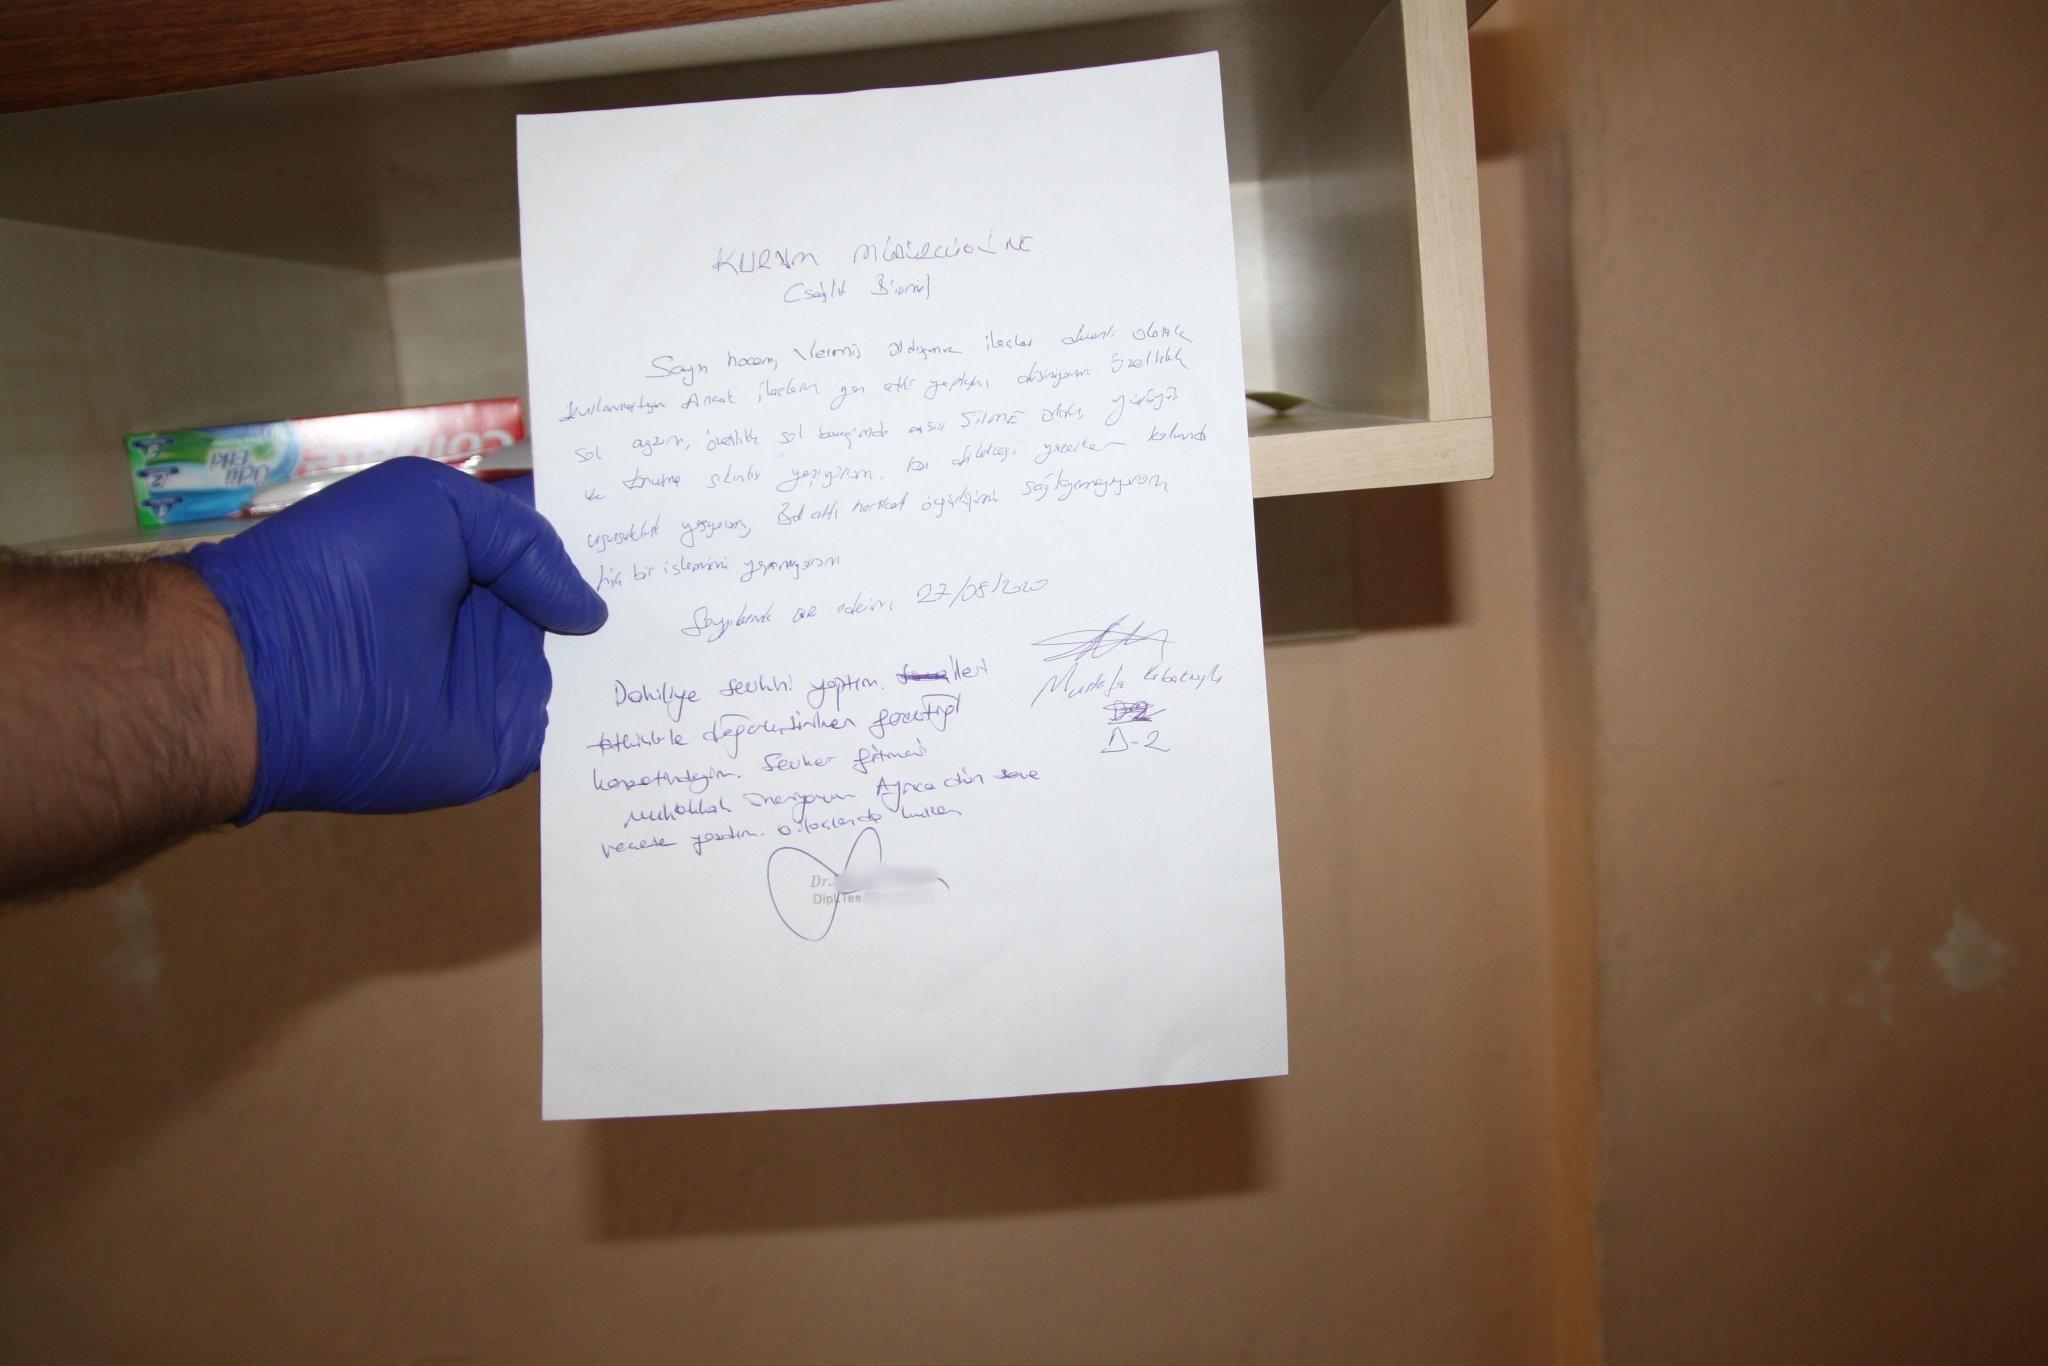 Beyaz sandalyede ölümün ardından Kabakçıoğlu'nun kardeşi yazdı 4